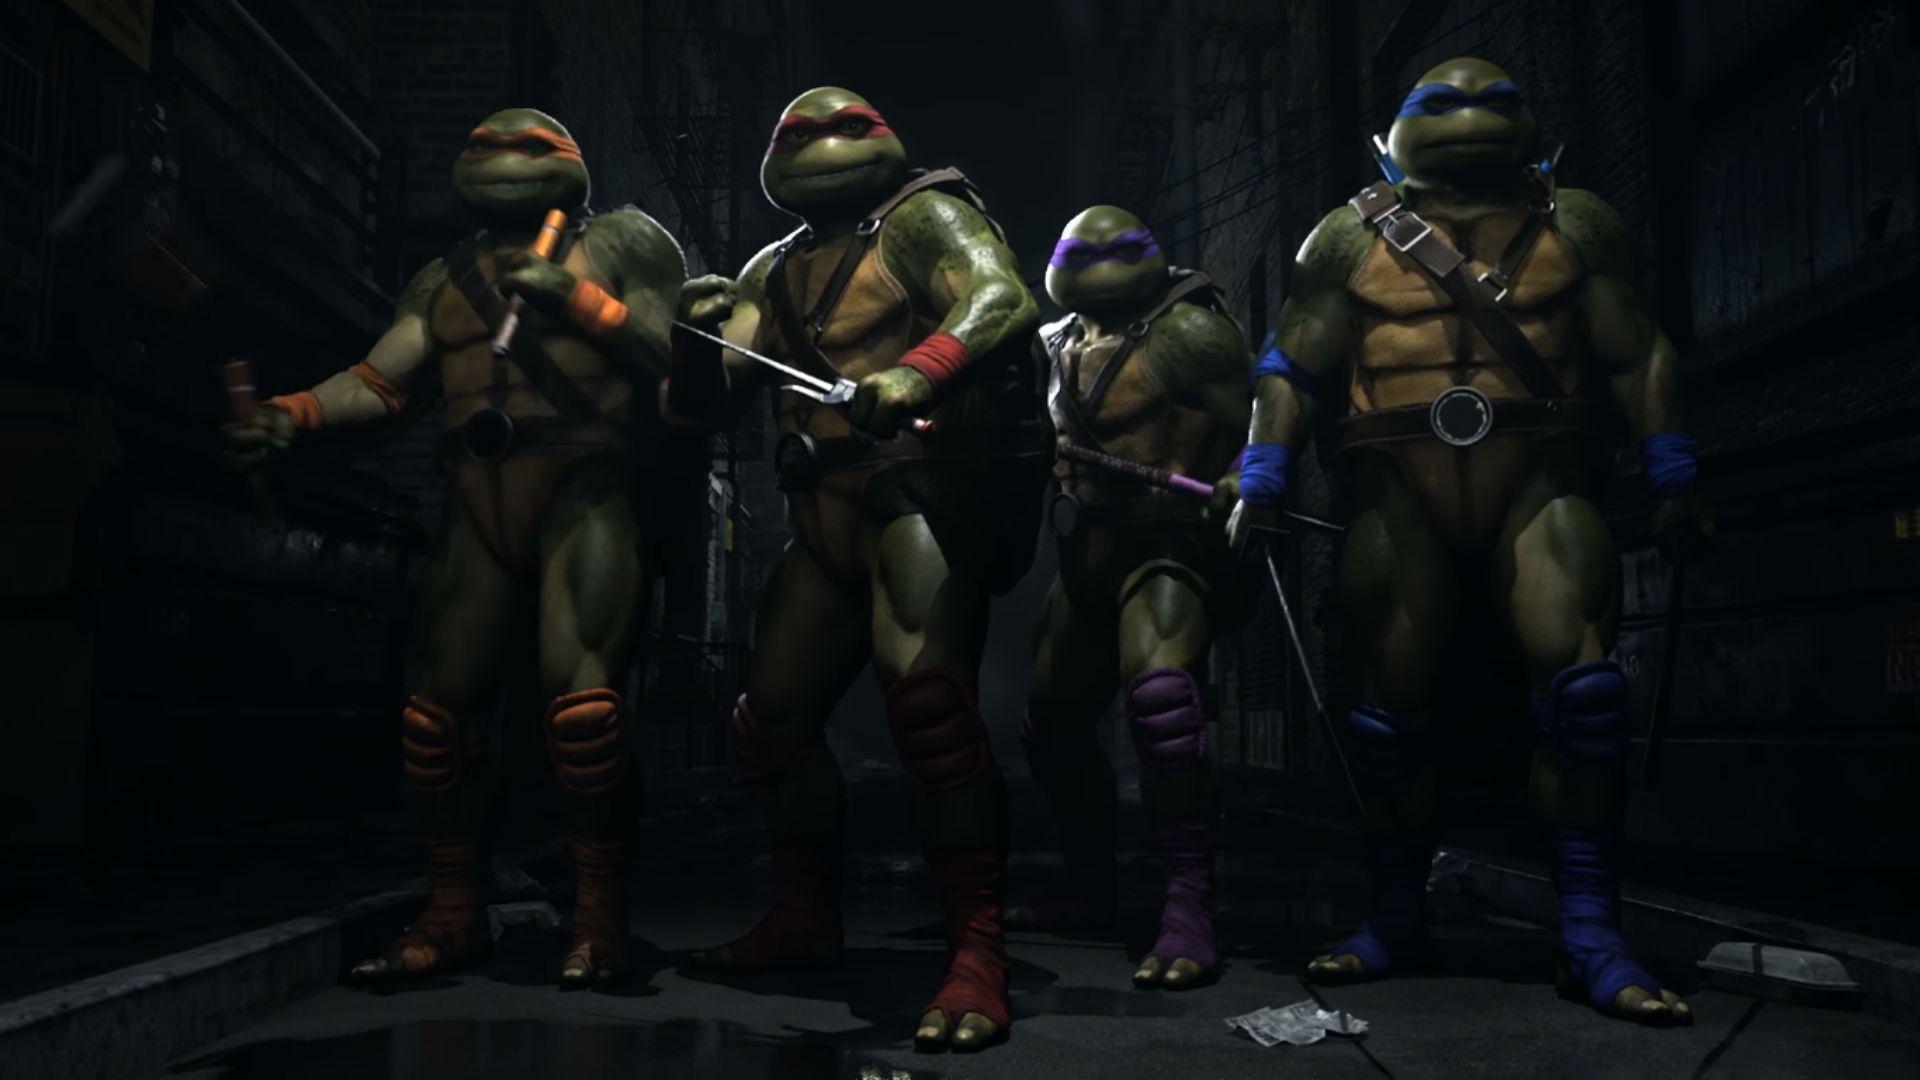 Las Tortugas Ninja estarán disponibles en Injustice 2